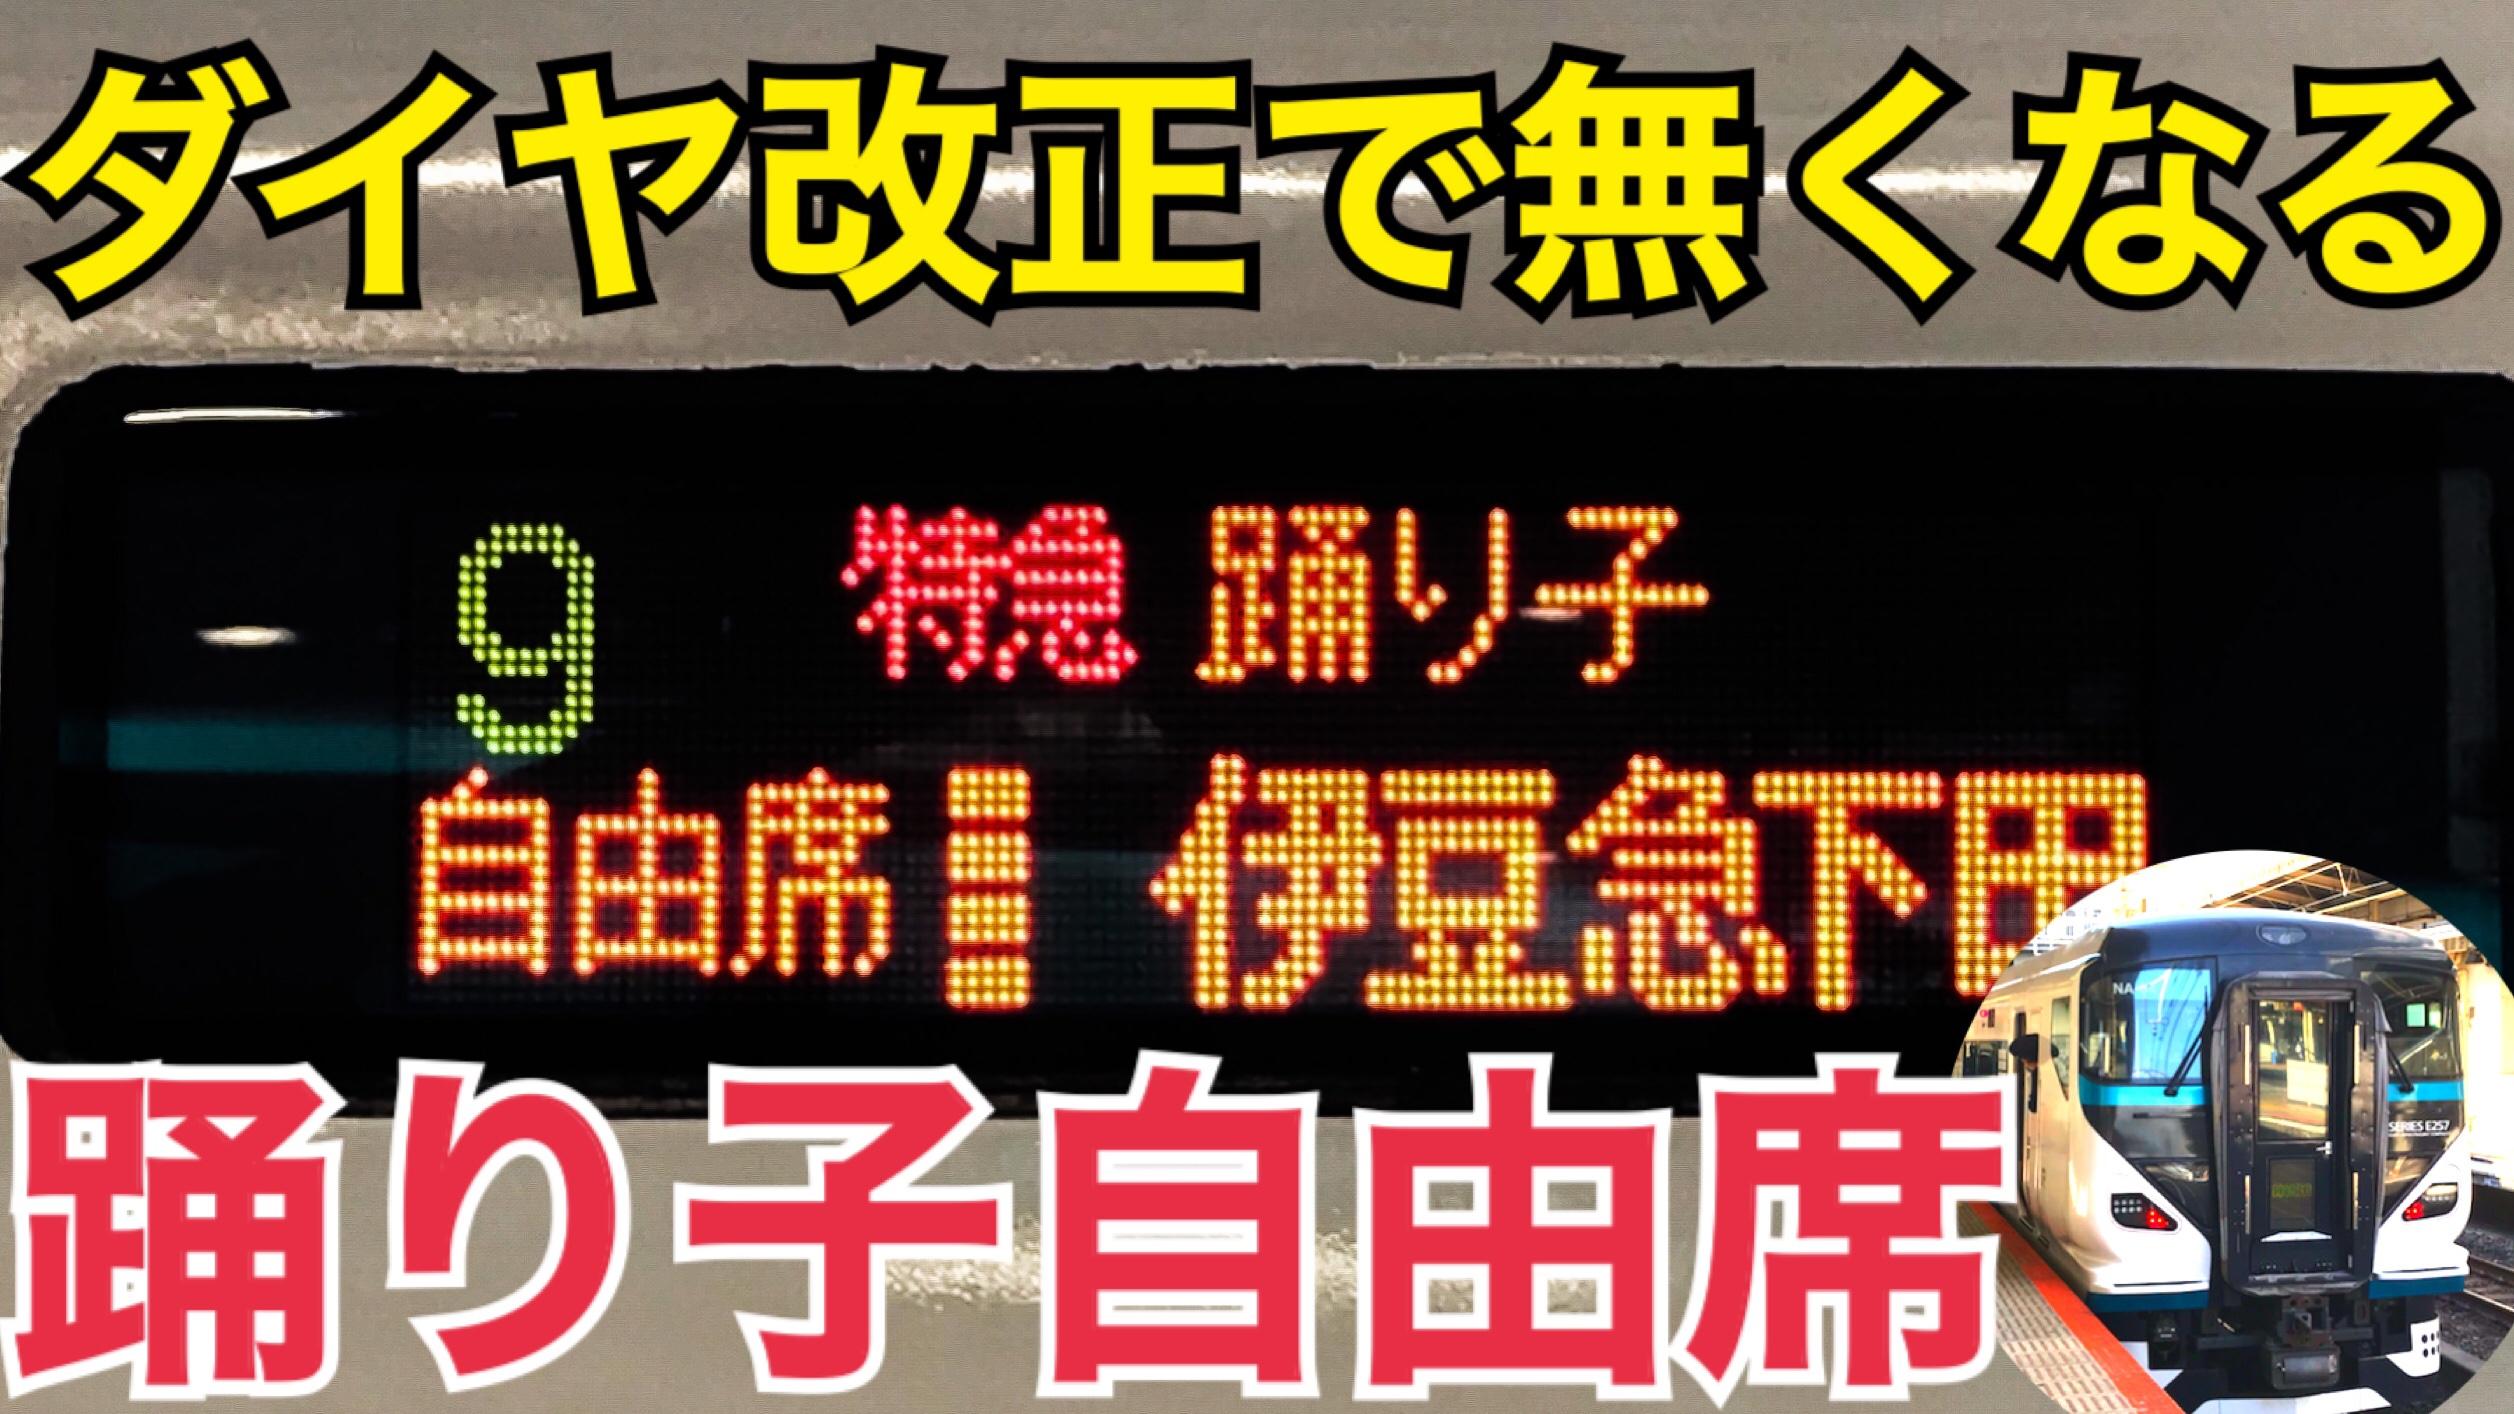 【ダイヤ改正で廃止】E257系踊り子の自由席に乗車!全車指定席化への準備も!【新横浜プリンスホテル】